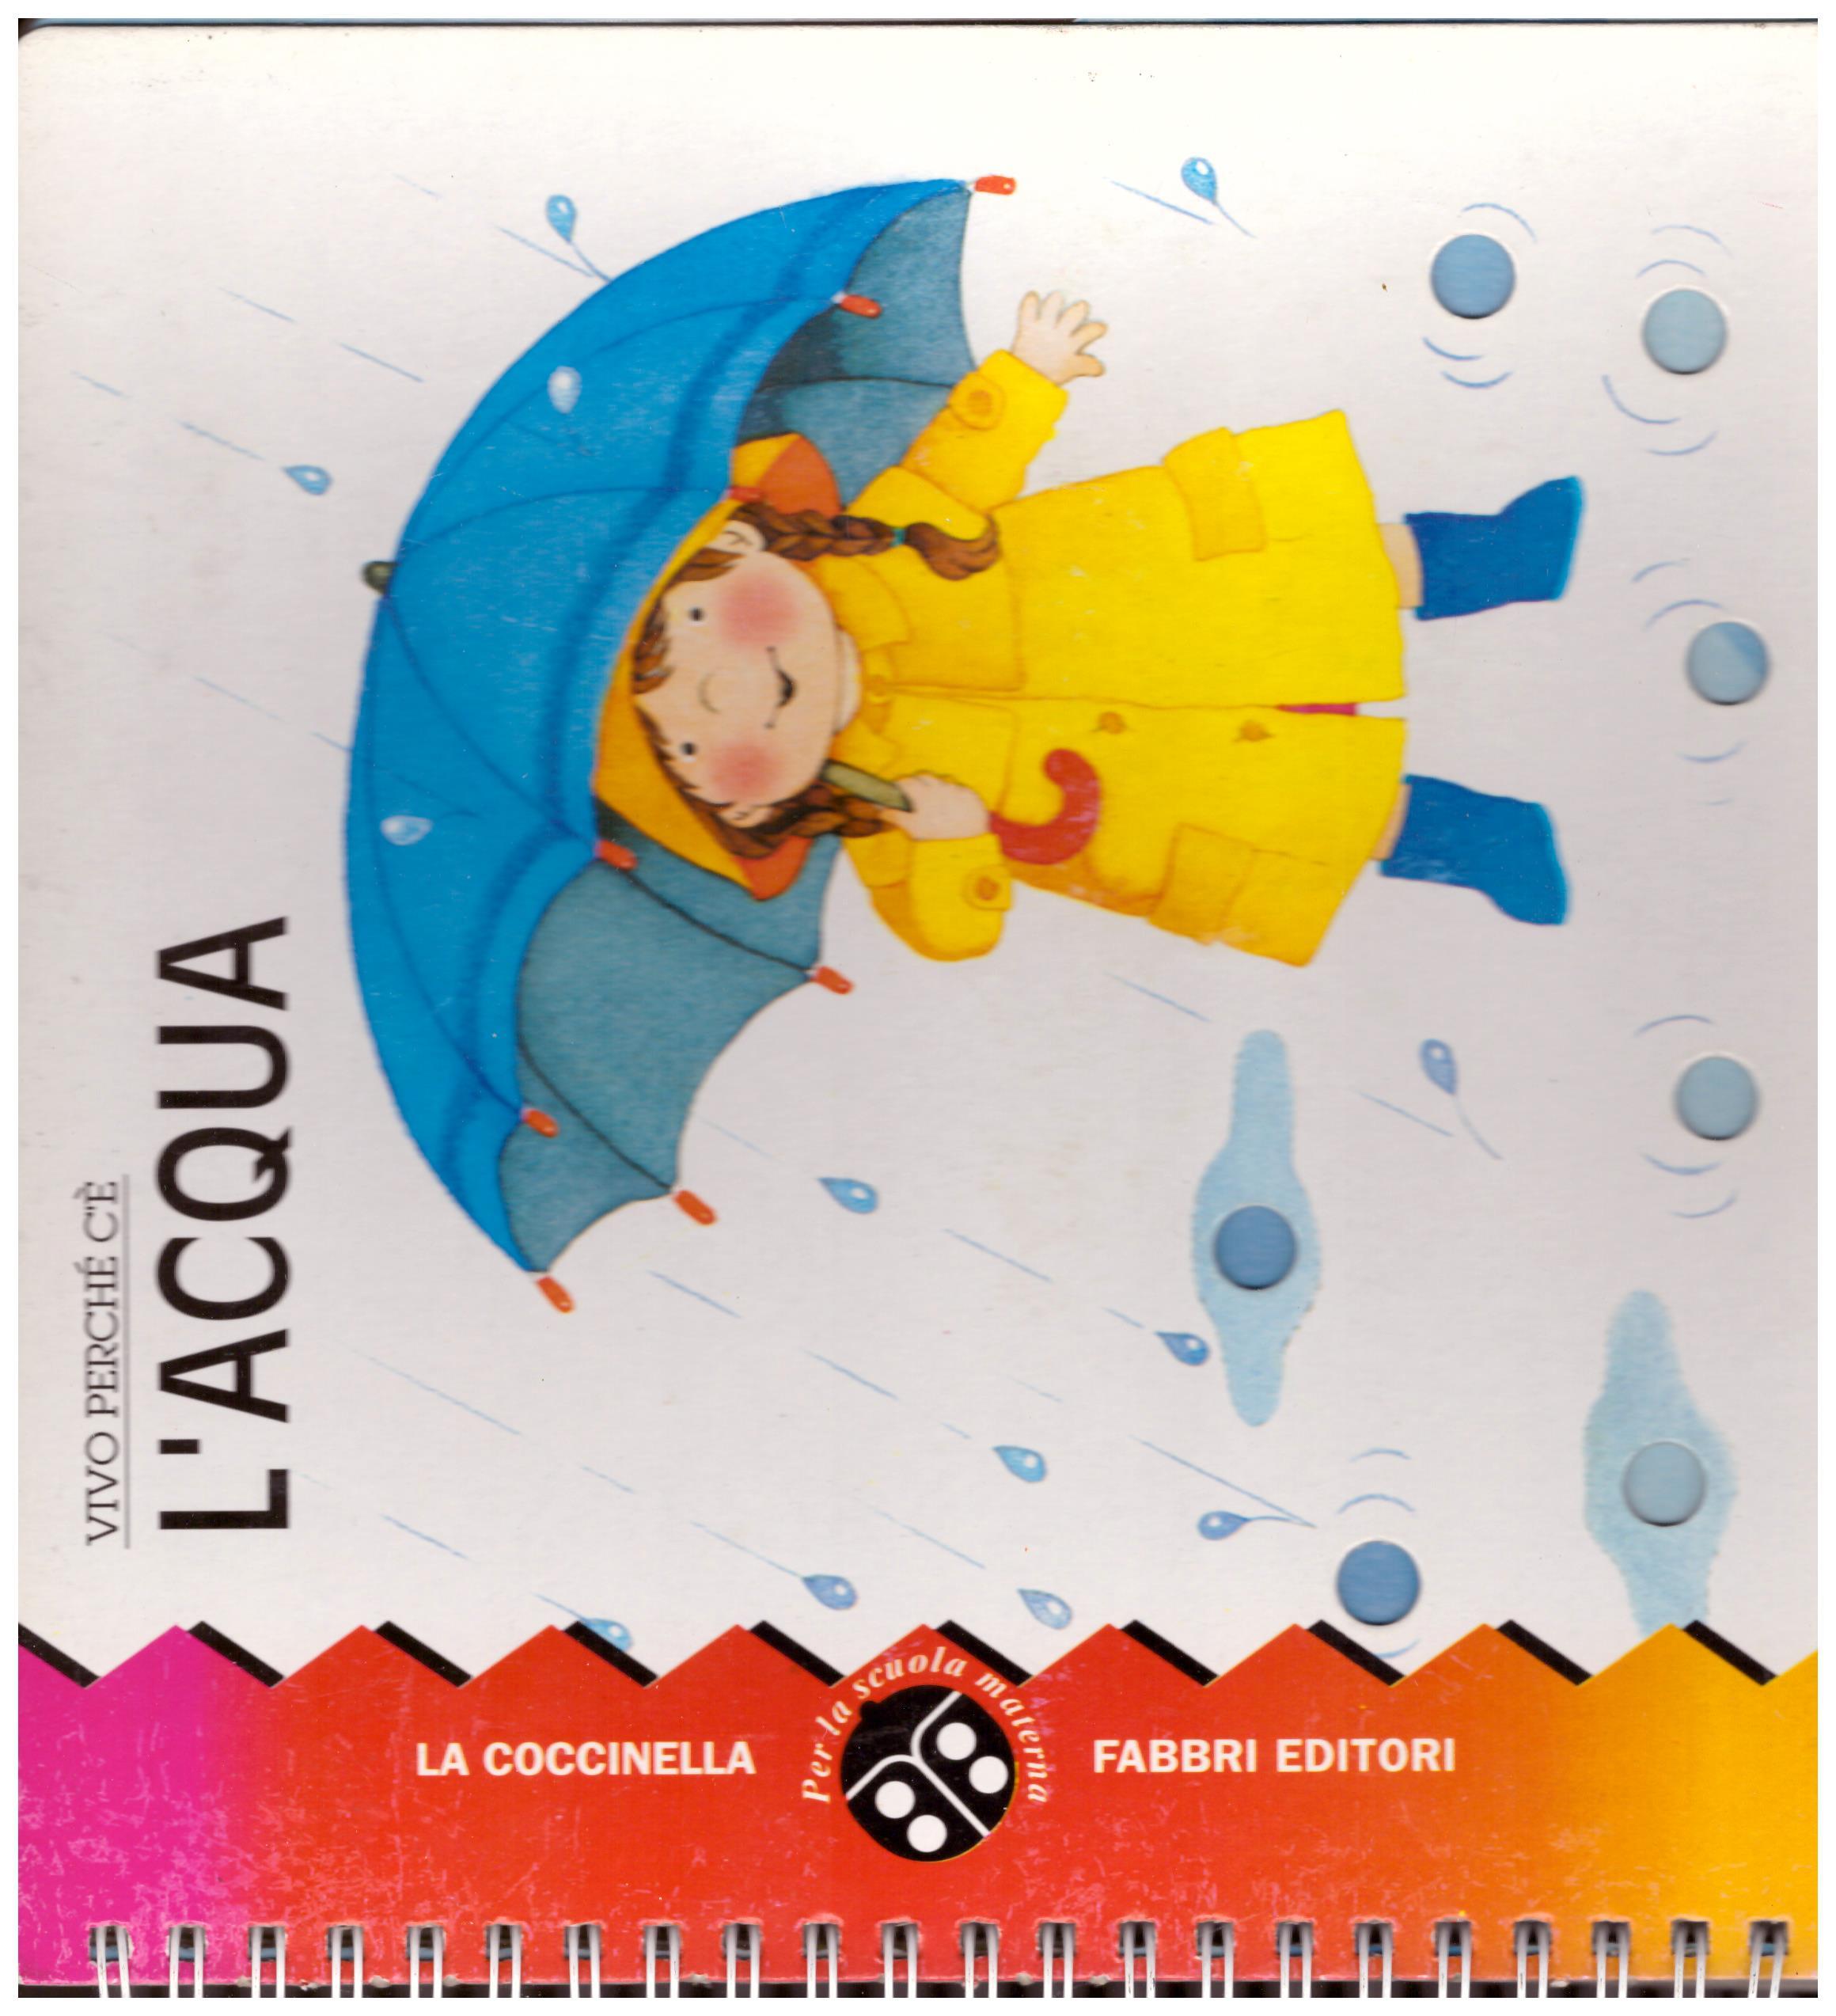 Titolo: Vivo perchè c'è l'acqua  Autore: AA.VV.  Editore: La Coccinella, 1994